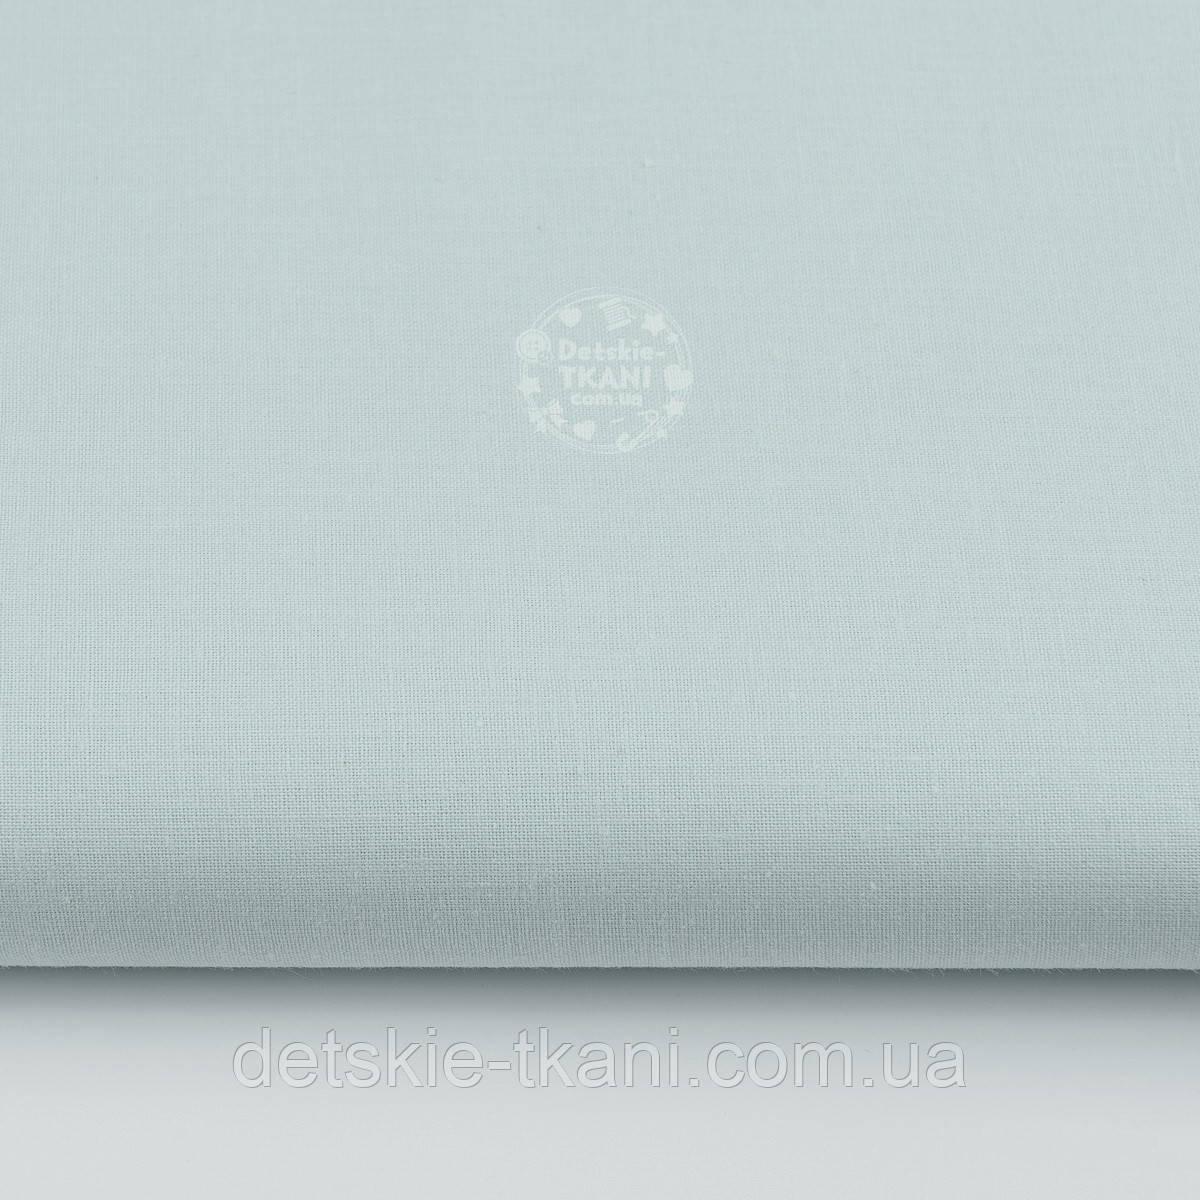 Однотонная хлопковая ткань, цвет грязно-мятный (светлый оттенок), № 2574